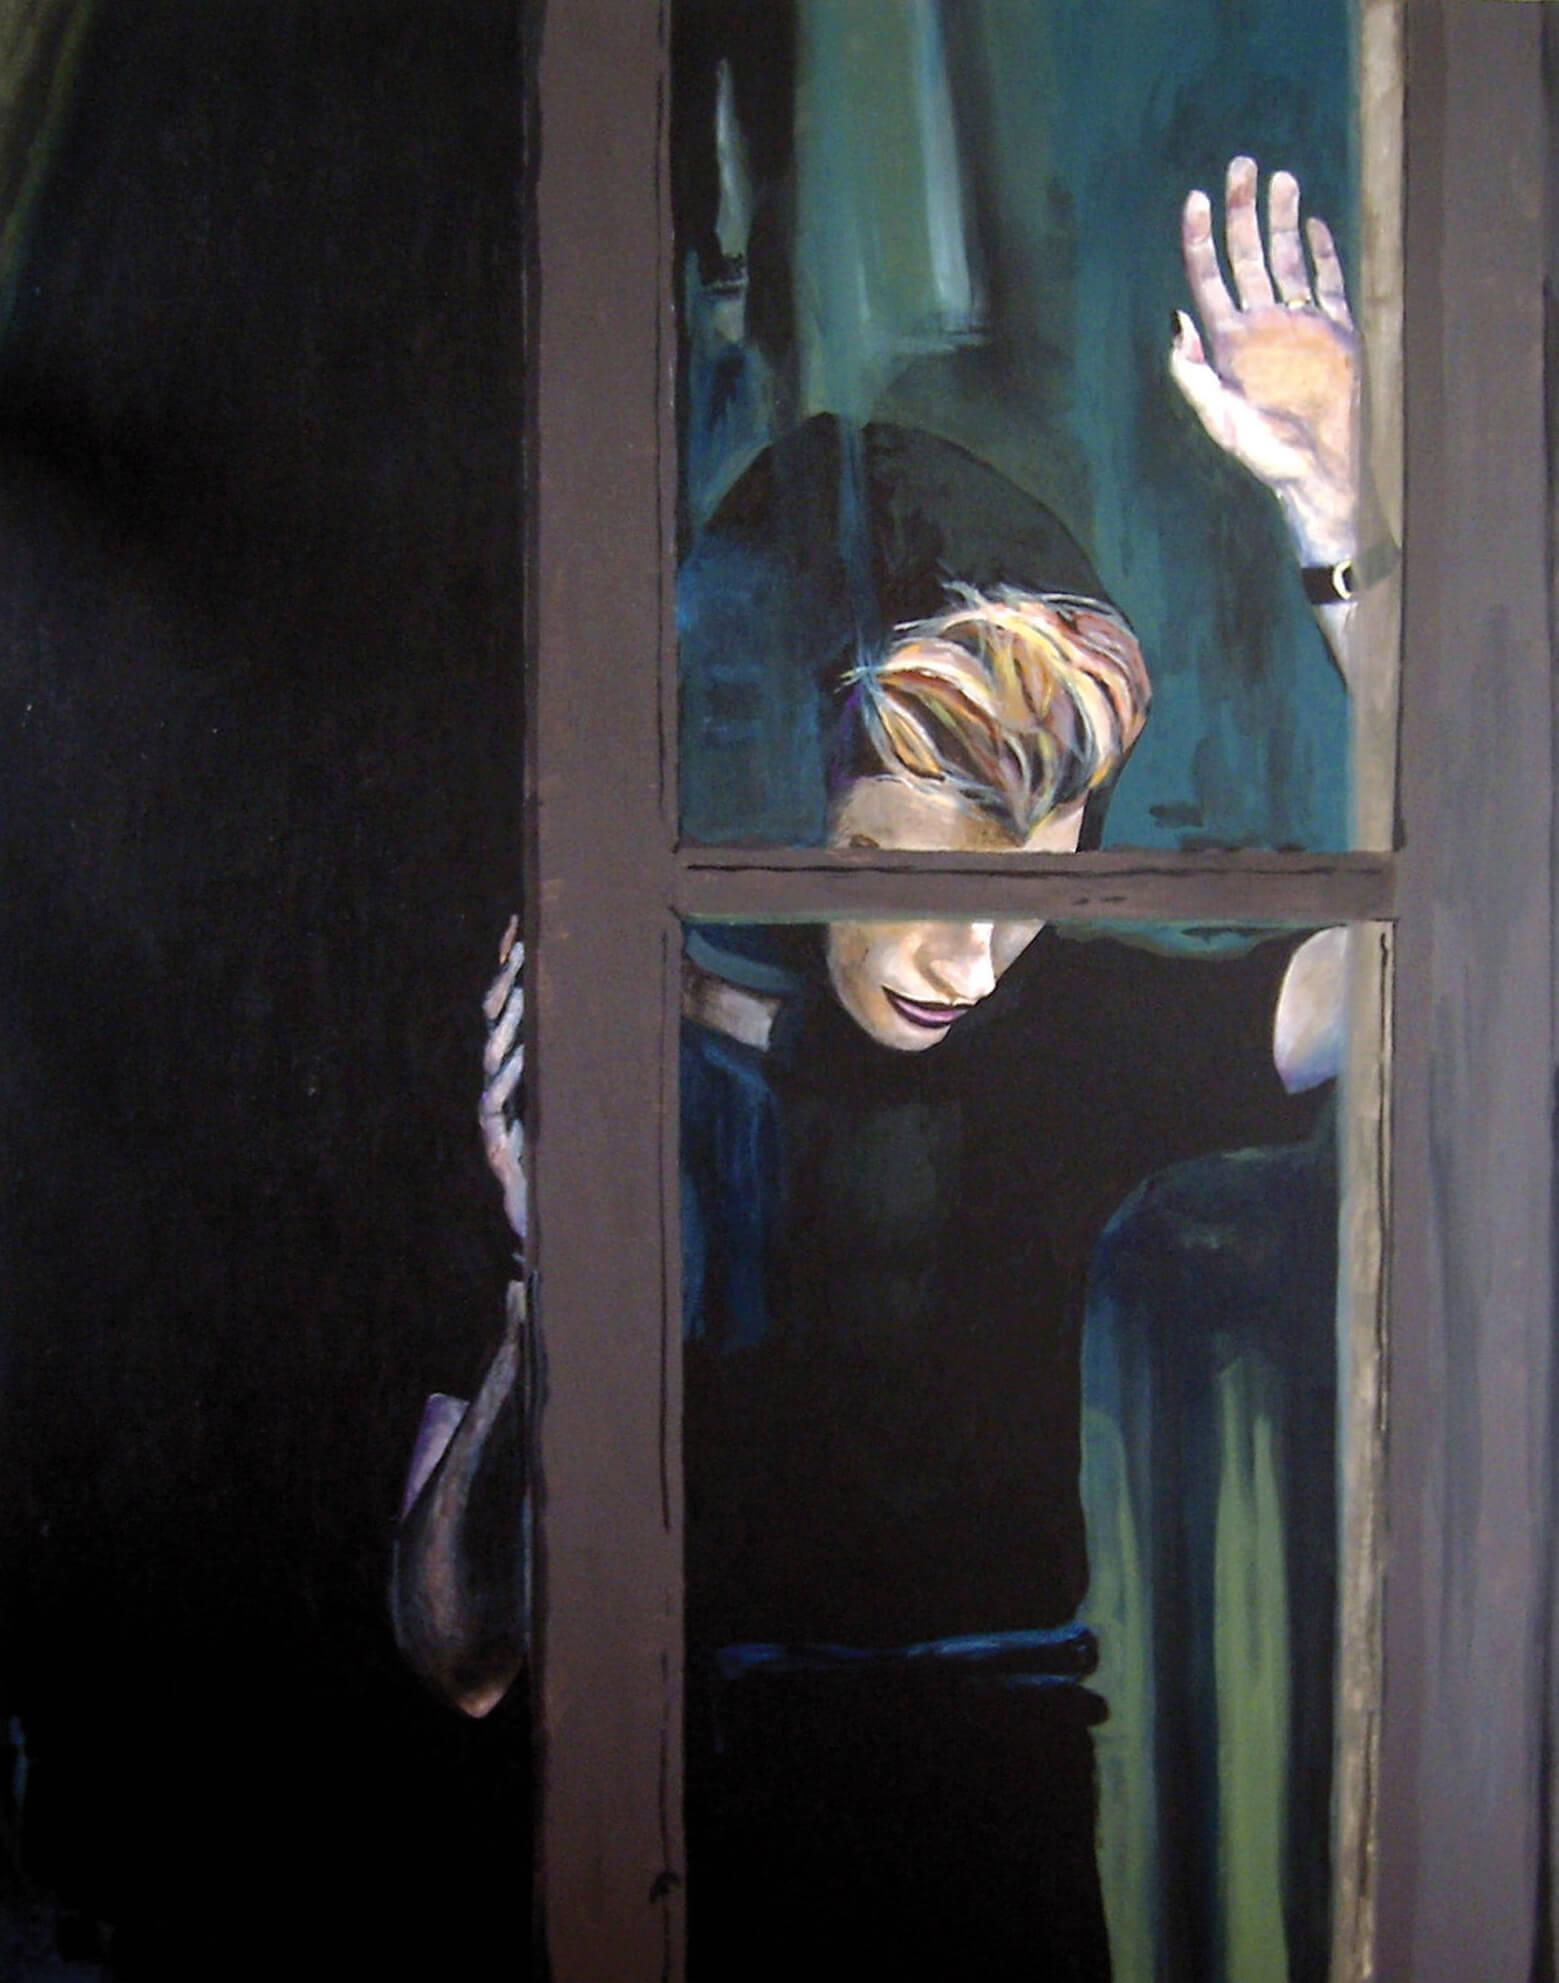 Window, 70x50x4 cm, Malerei, © Ute Latzke, verkauft.